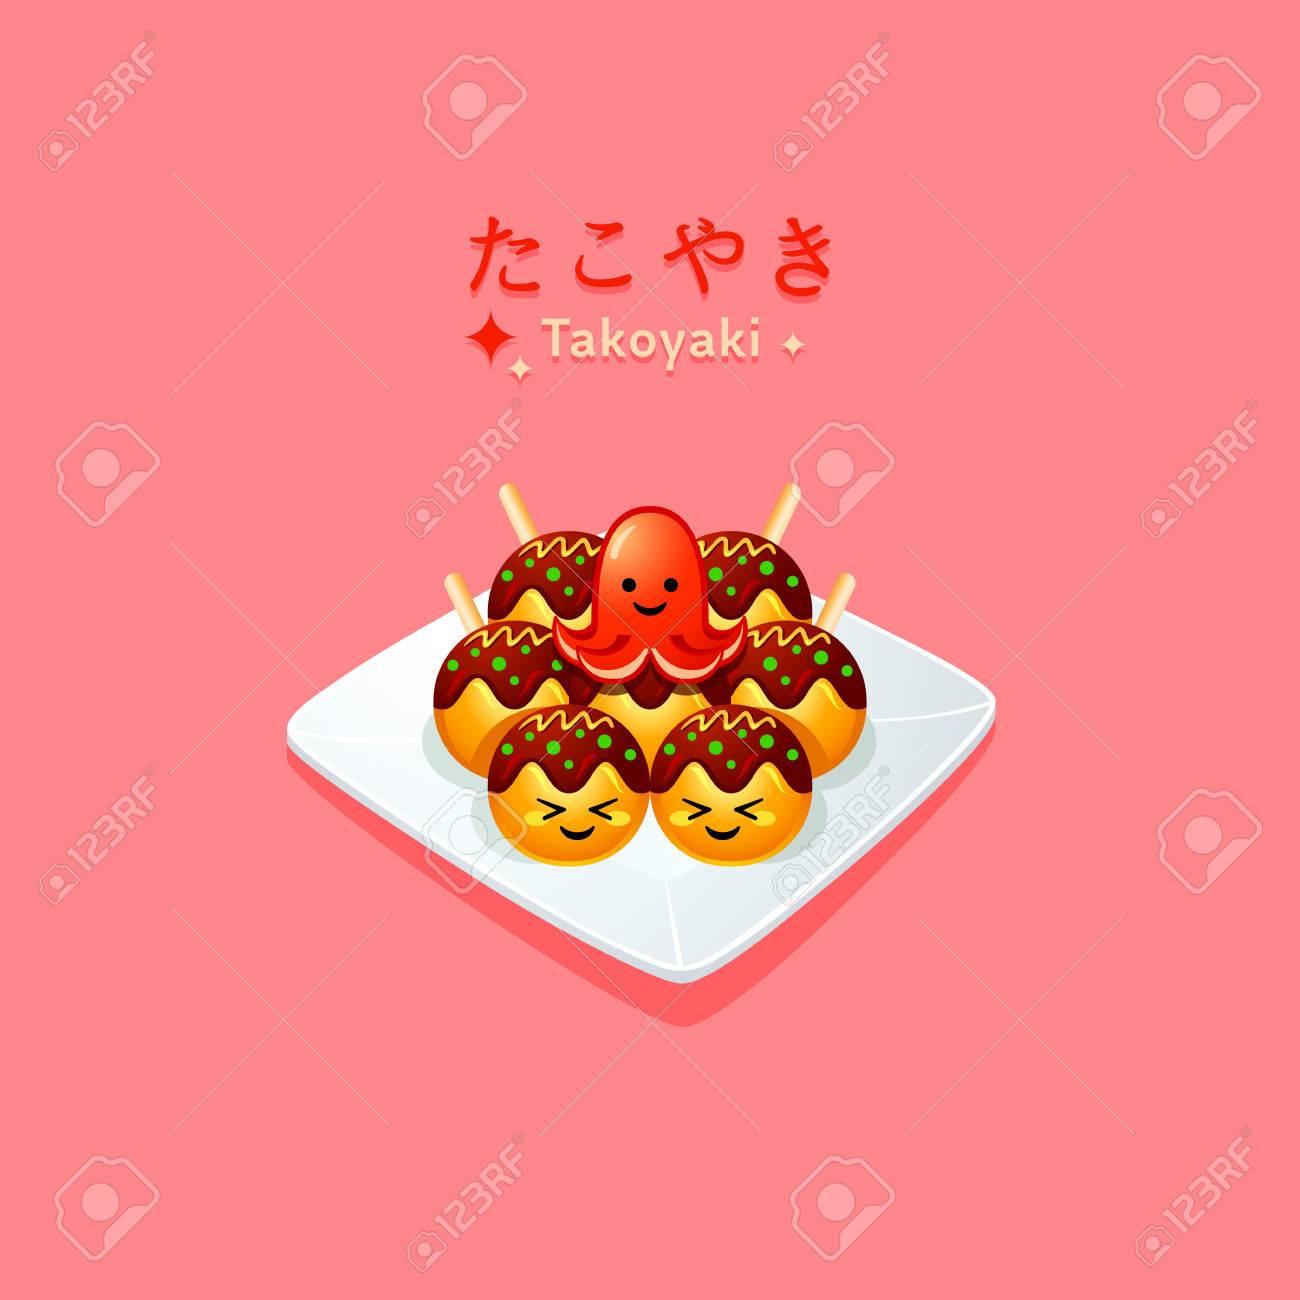 日本語と英語で名前のかわいい日本タコ ボールたこ焼きのイラスト素材